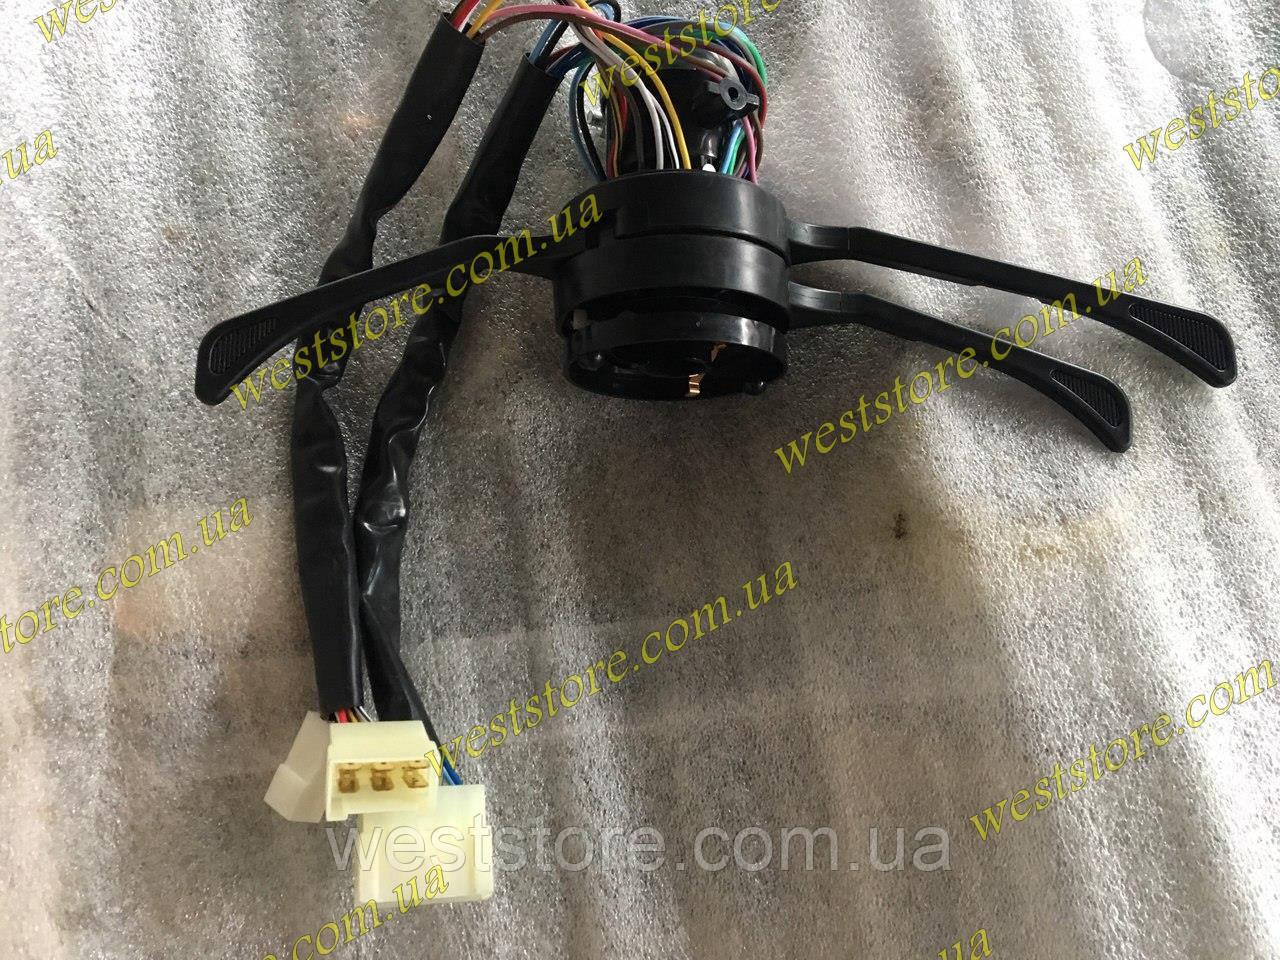 Тубус (переключатель в сборе) Ваз 2103 2106 Заз 1102 (стандартная панель) (3 положения переключателя света )